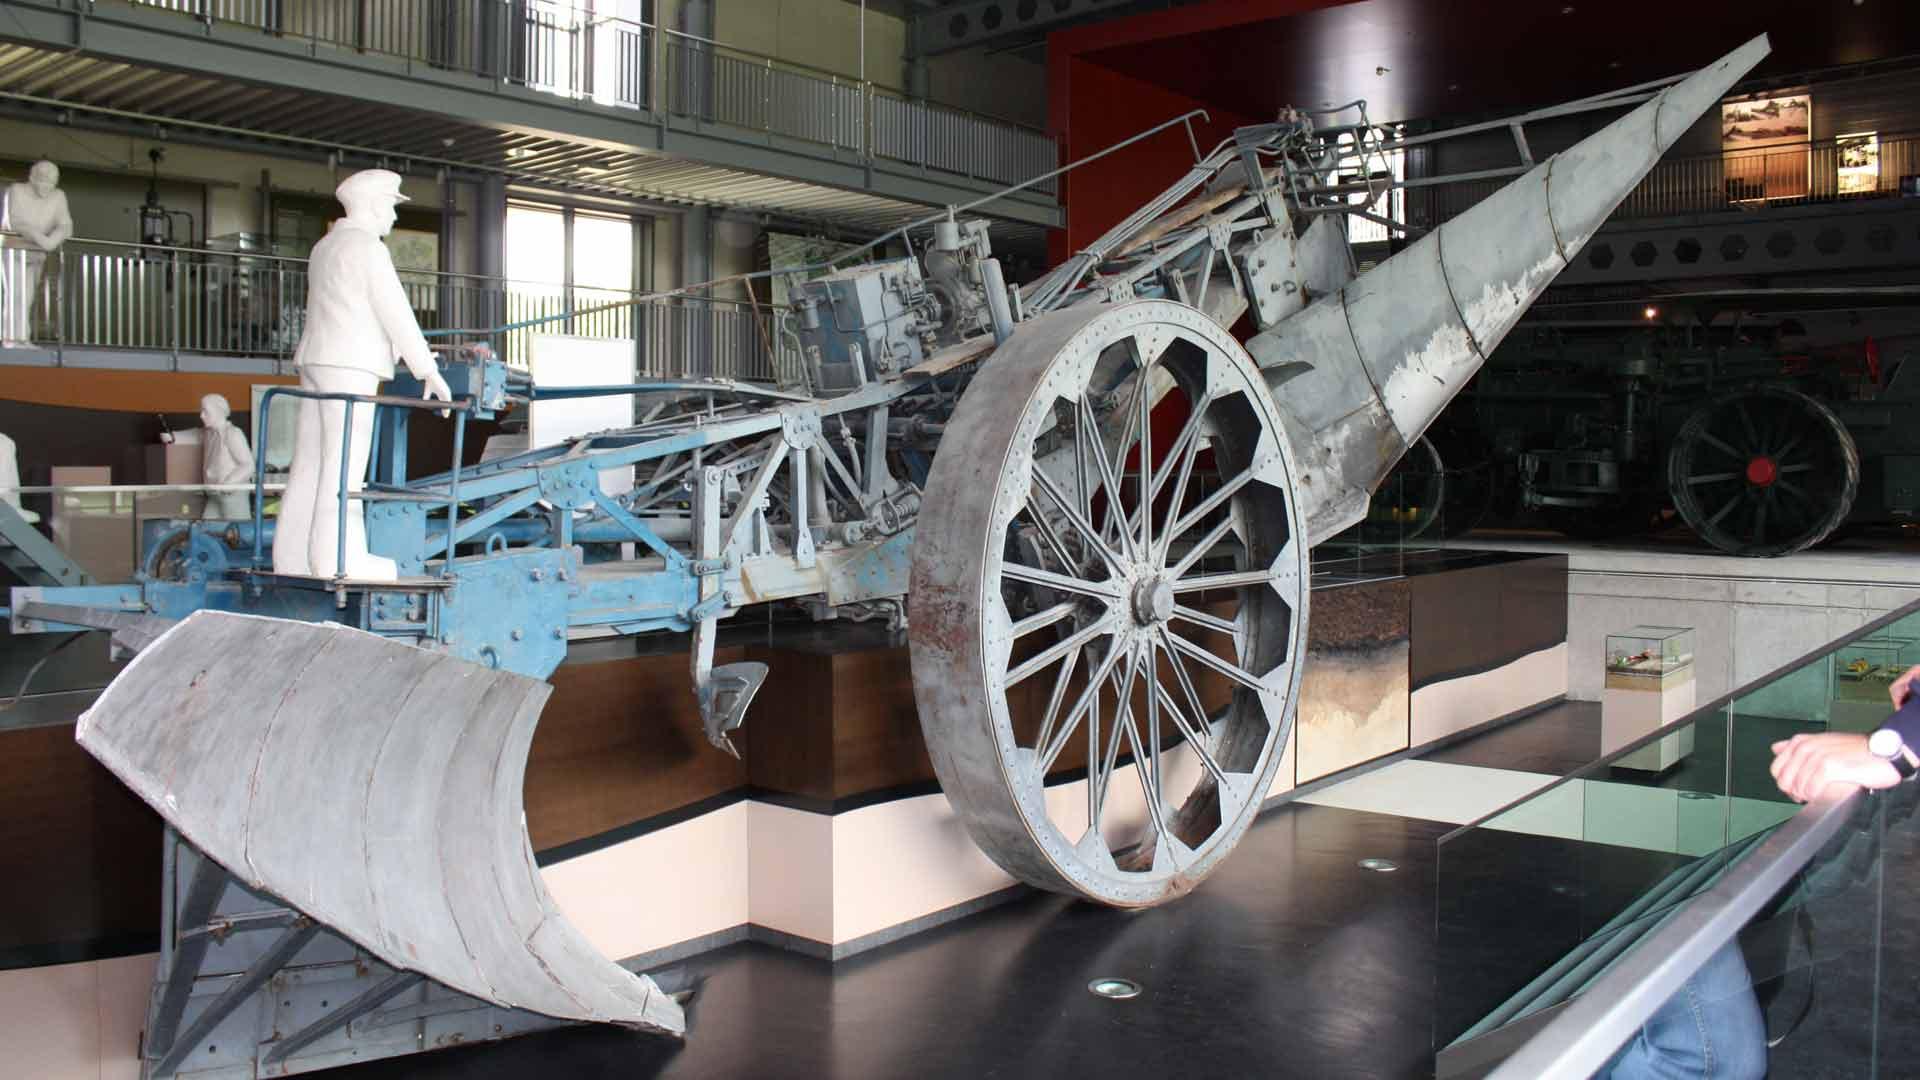 De stoomploeg Mammut is de bekendste bezienswaardigheid in het Emsland Moormuseum in Geeste.